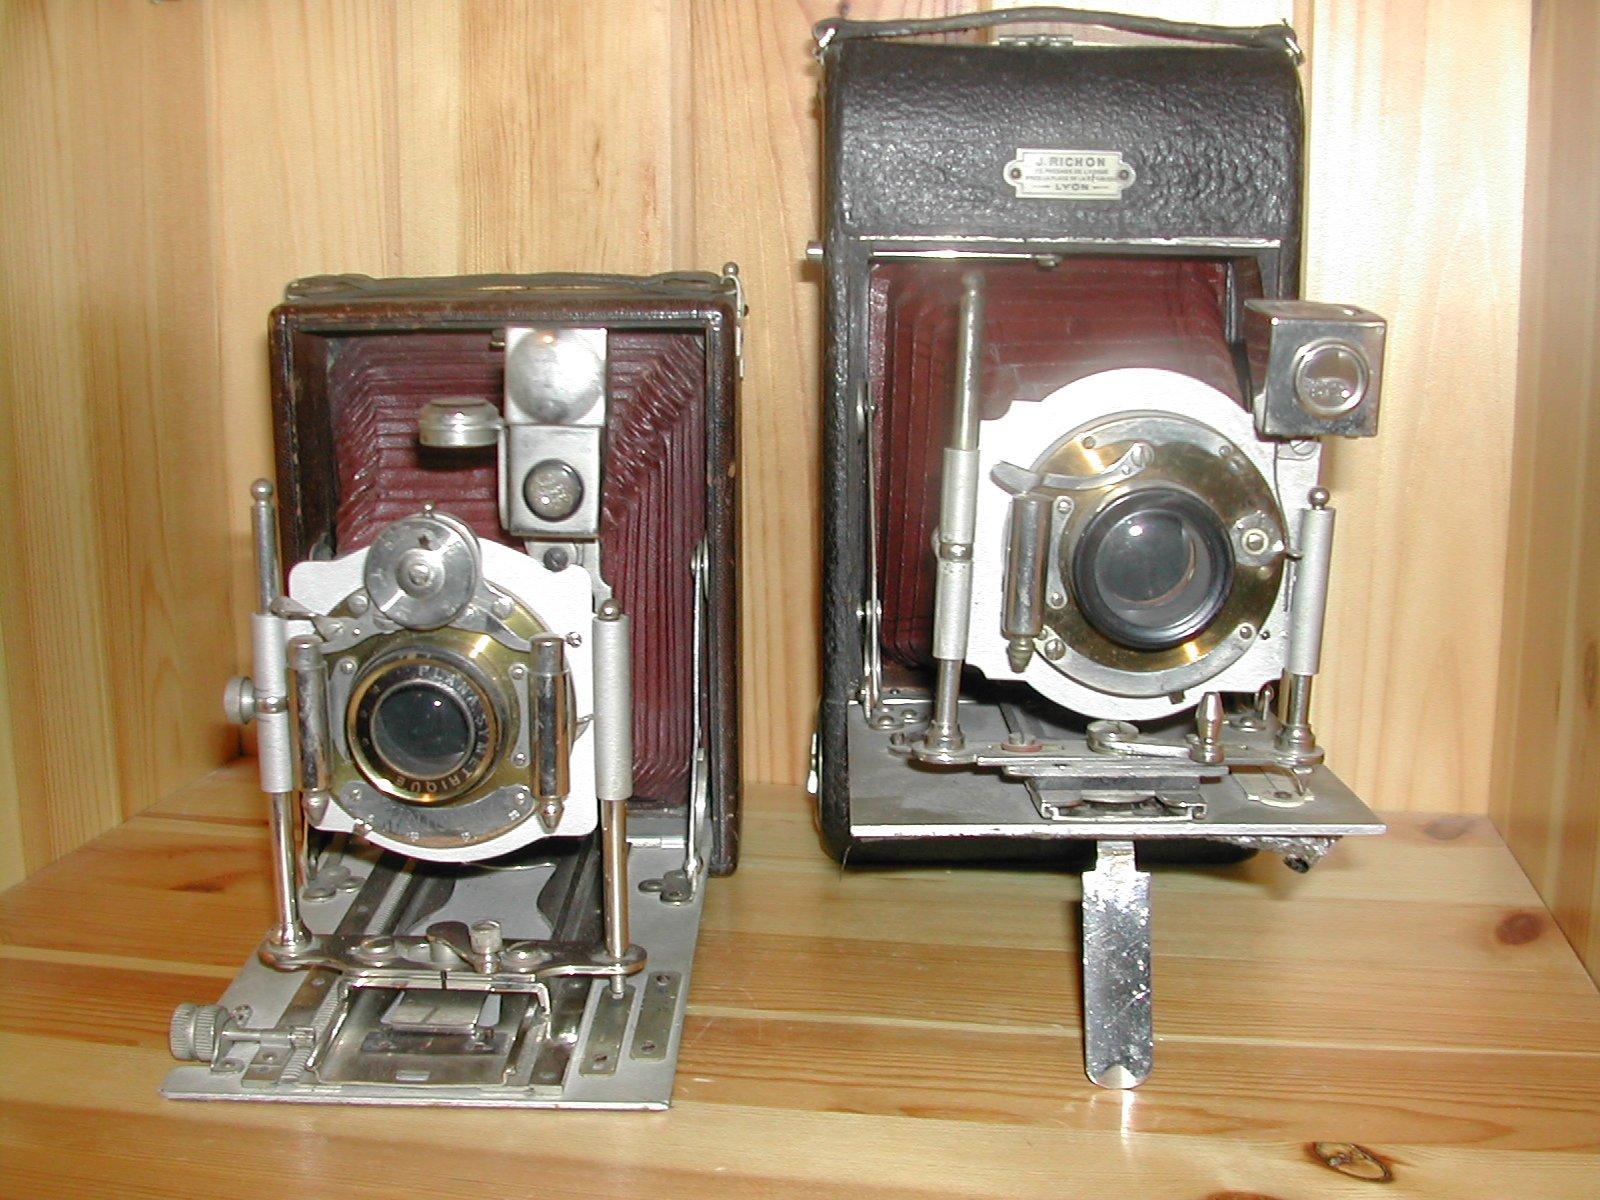 la collection appareils photos anciens de william archives du blog chambres unicum et fichon. Black Bedroom Furniture Sets. Home Design Ideas